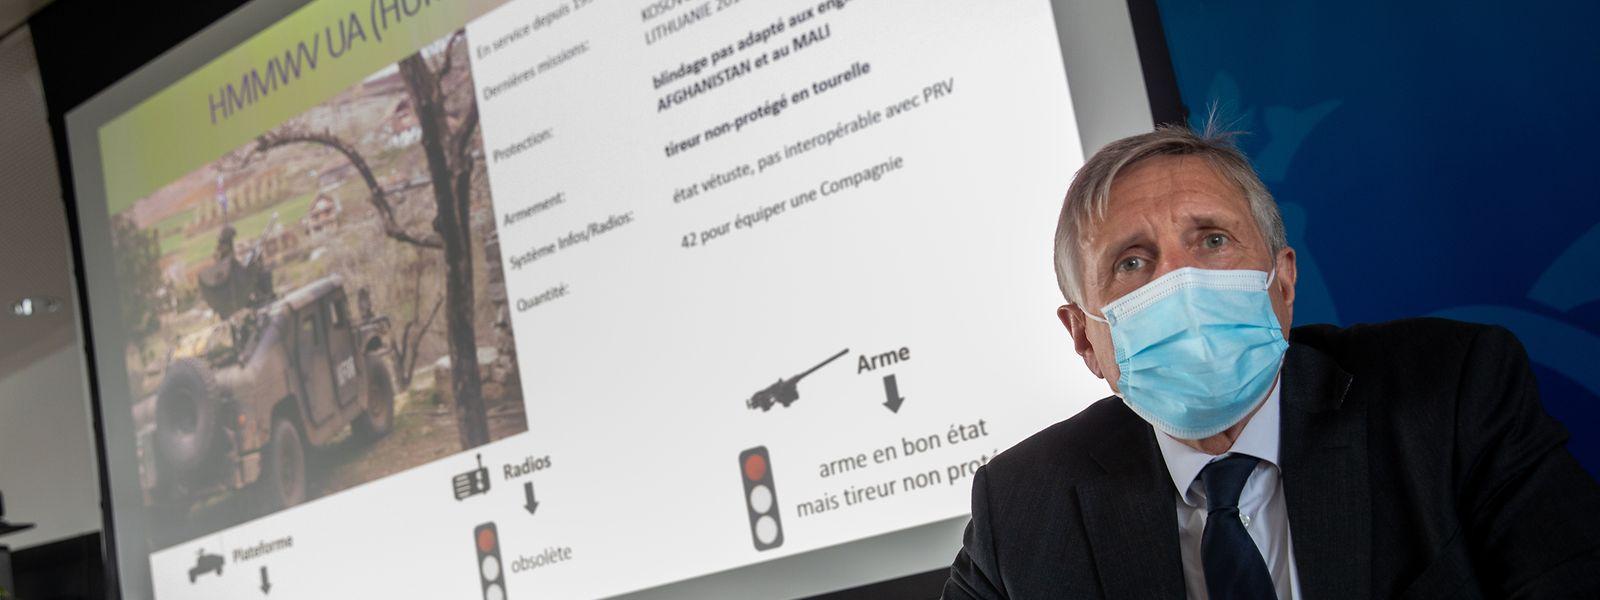 Die aktuell im Einsatz befindlichen Humvees seien veraltet, so Verteidigungsminister François Bausch bei der Präsentation.